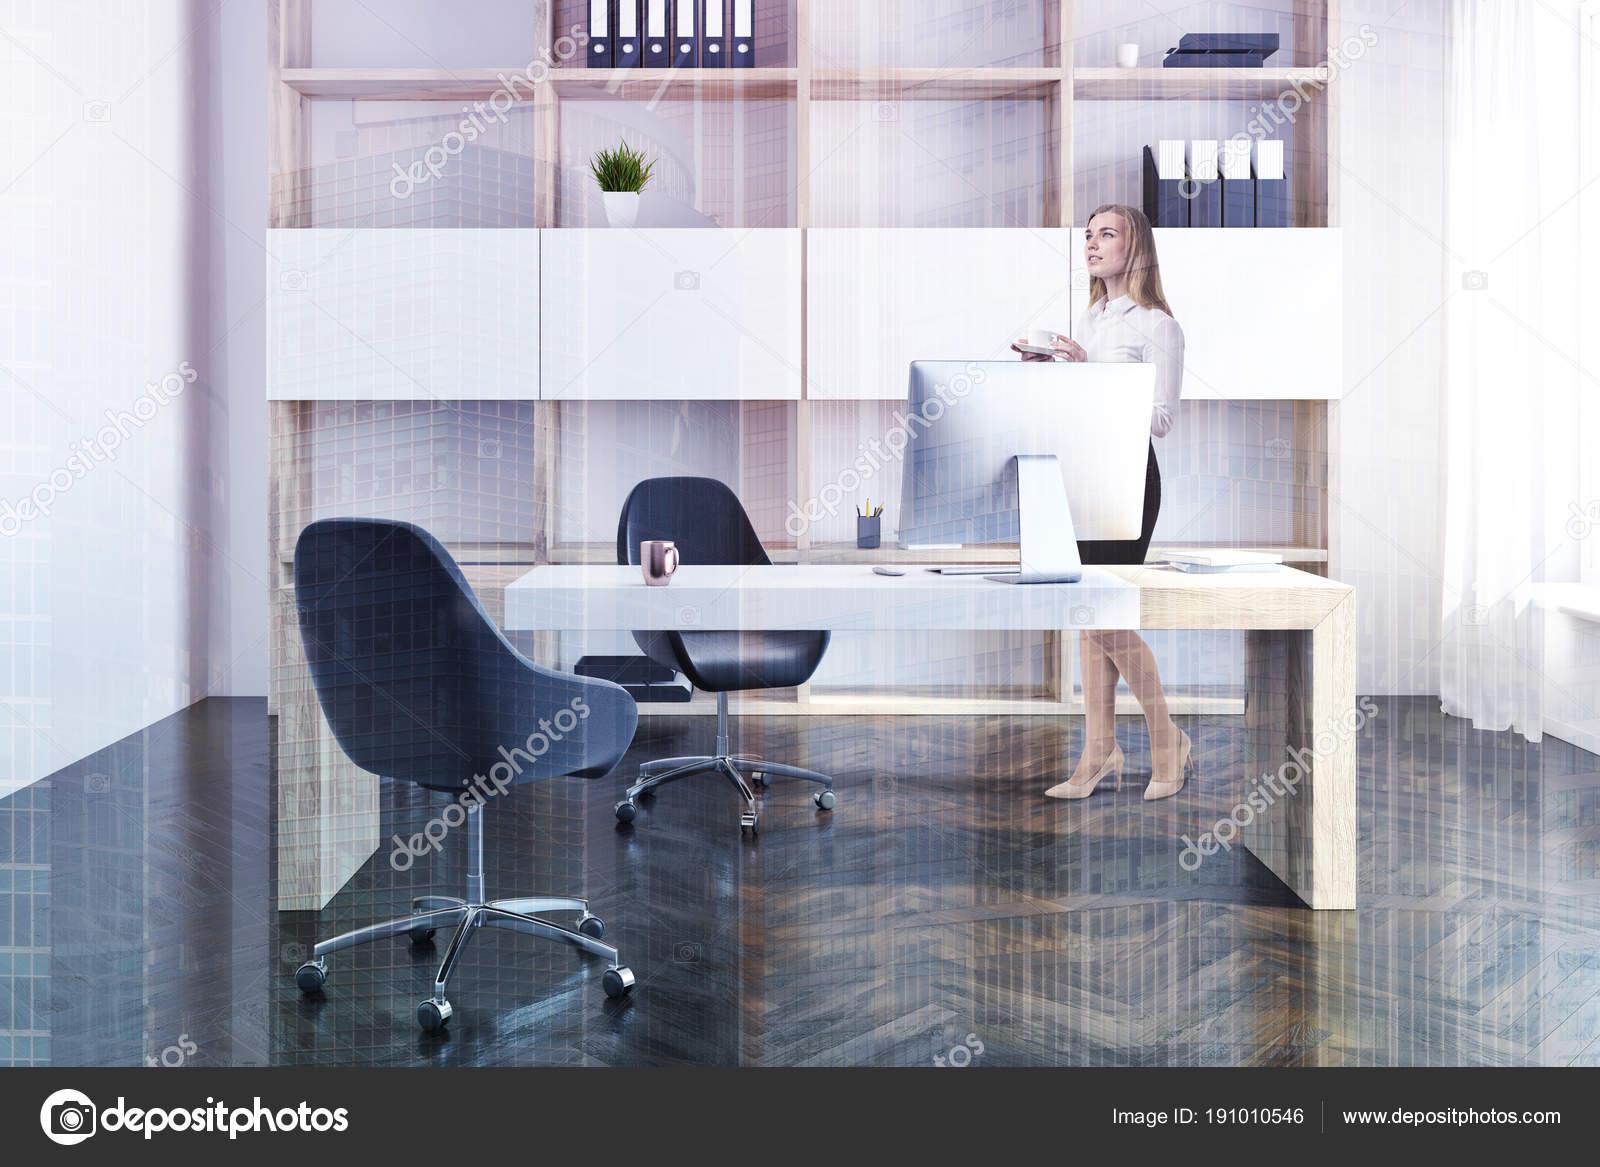 https://st3.depositphotos.com/2673929/19101/i/1600/depositphotos_191010546-stockafbeelding-bedrijf-manager-kantoor-interieur-zakenvrouw.jpg